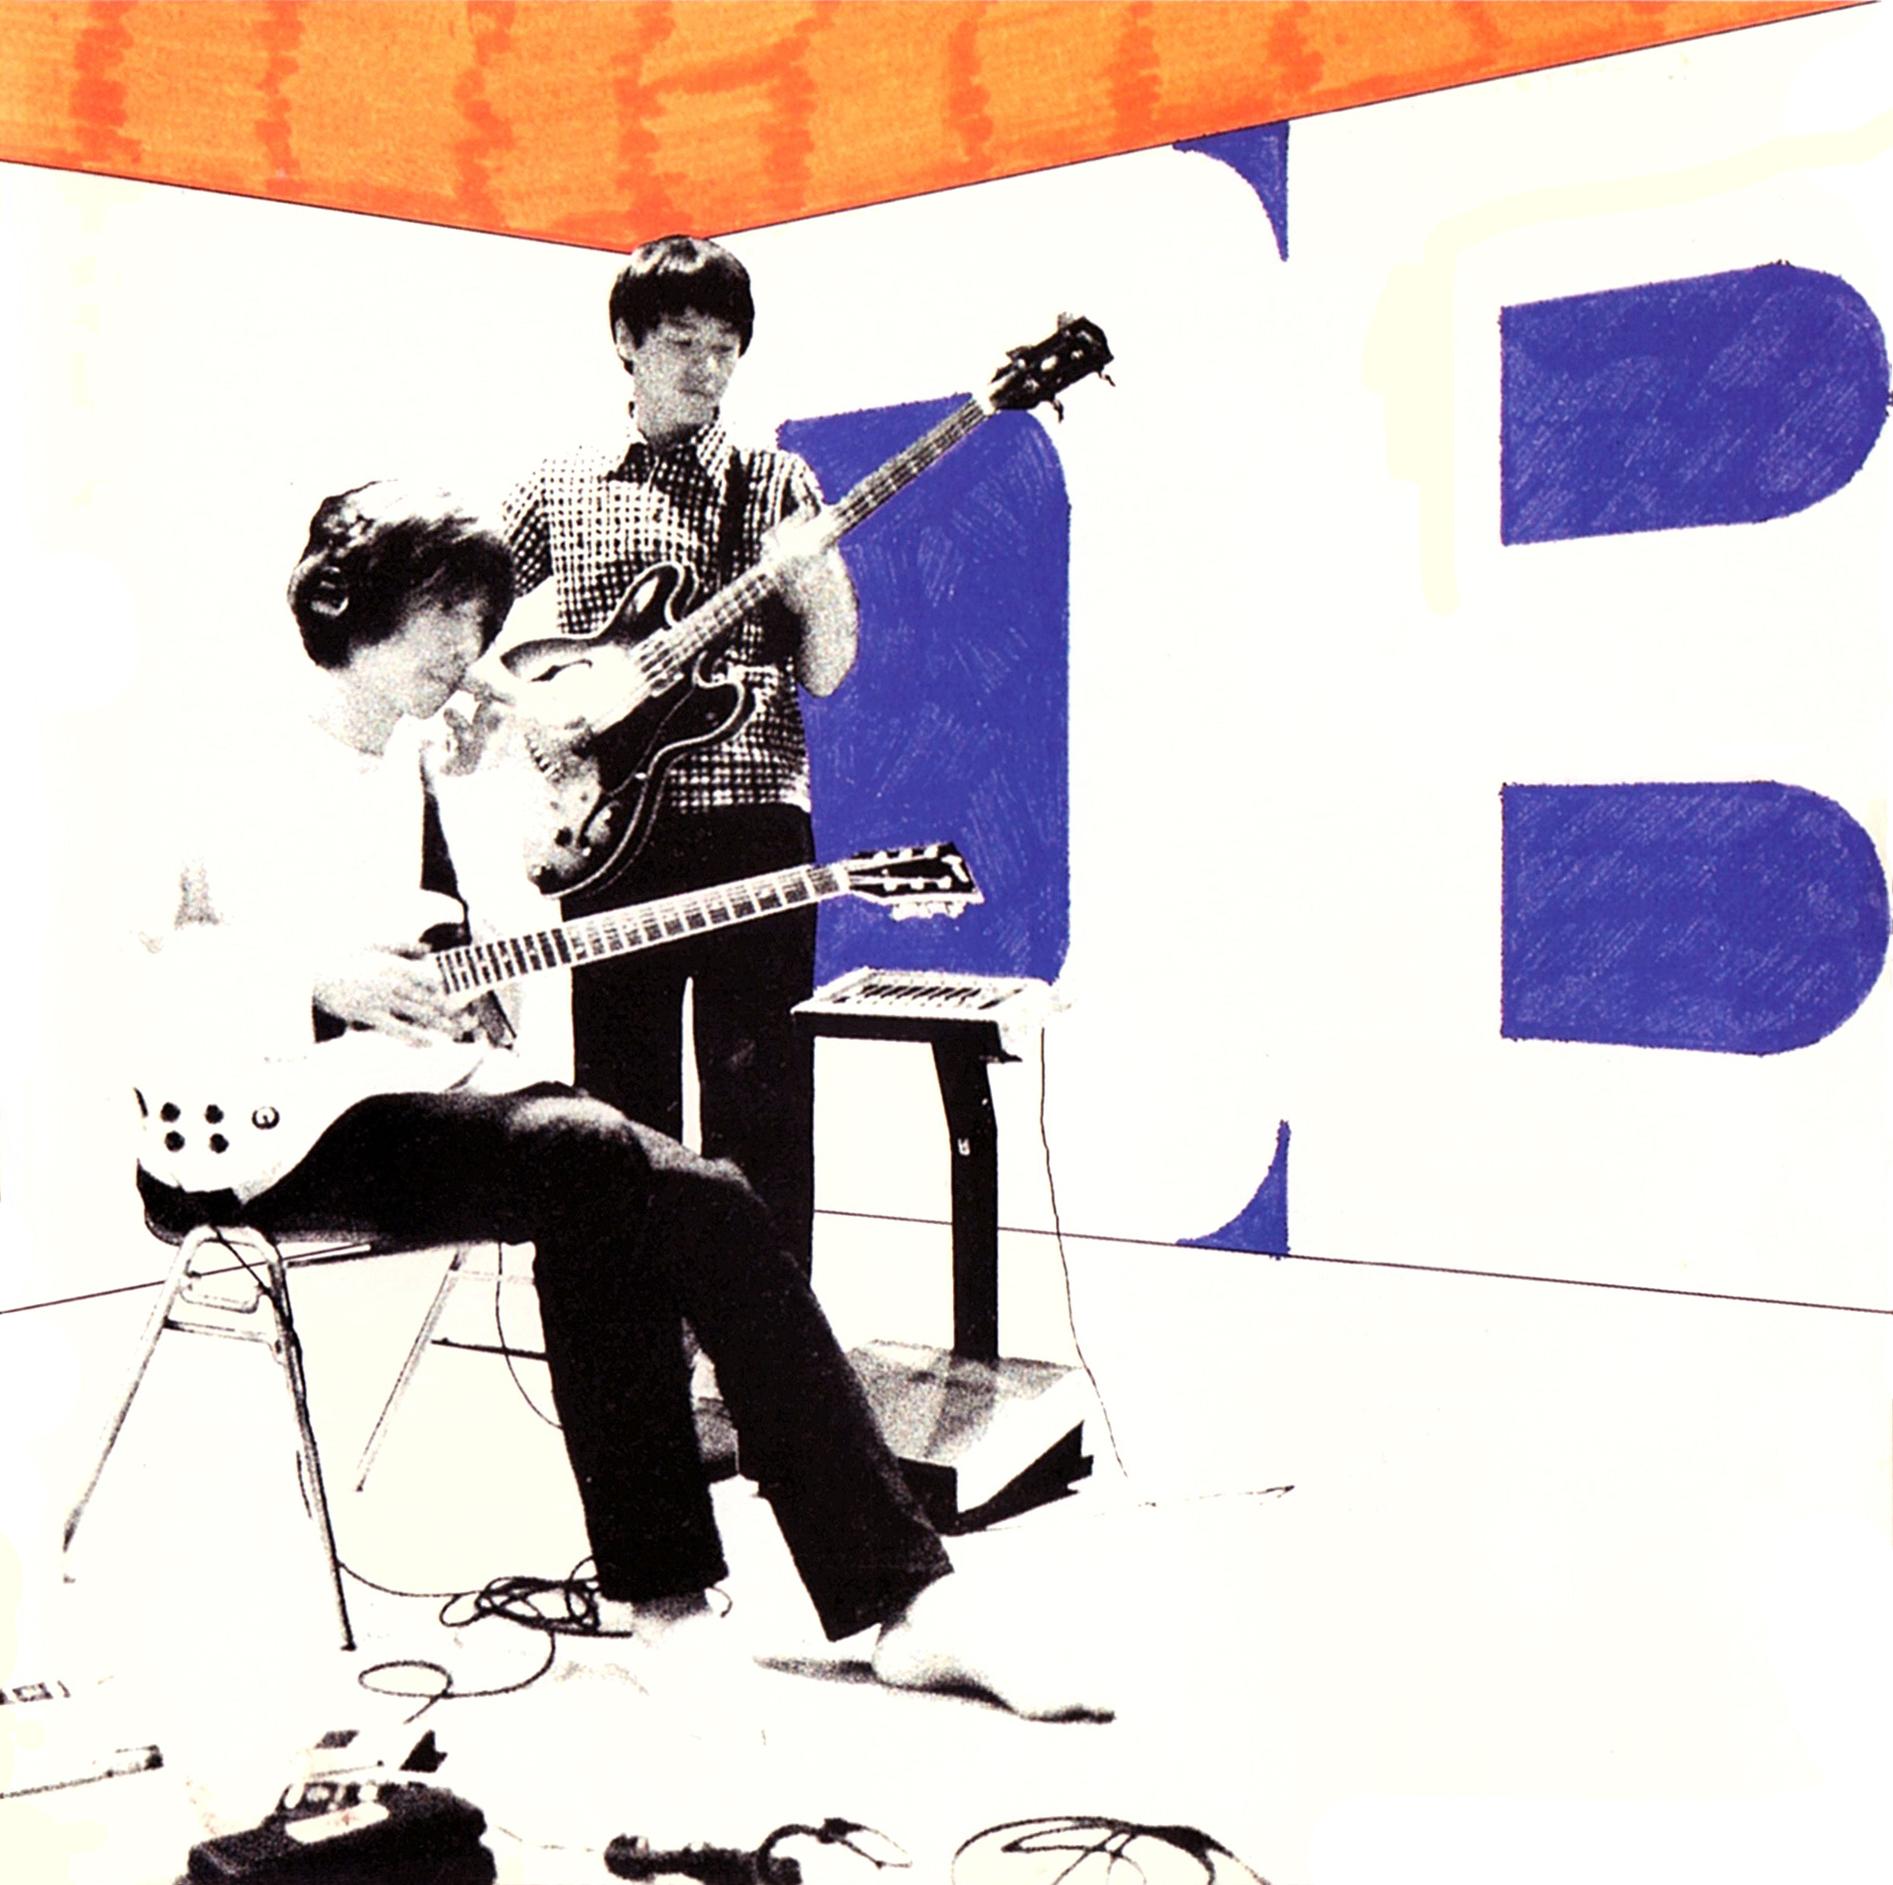 DOTS+BORDERS (ドッツ・アンド・ボーダーズ) 1stミニアルバム『TOKYO TAPES (トーキョー・テープス)』(1999年11月1日発売) 高画質CDジャケット画像 (ジャケ写)